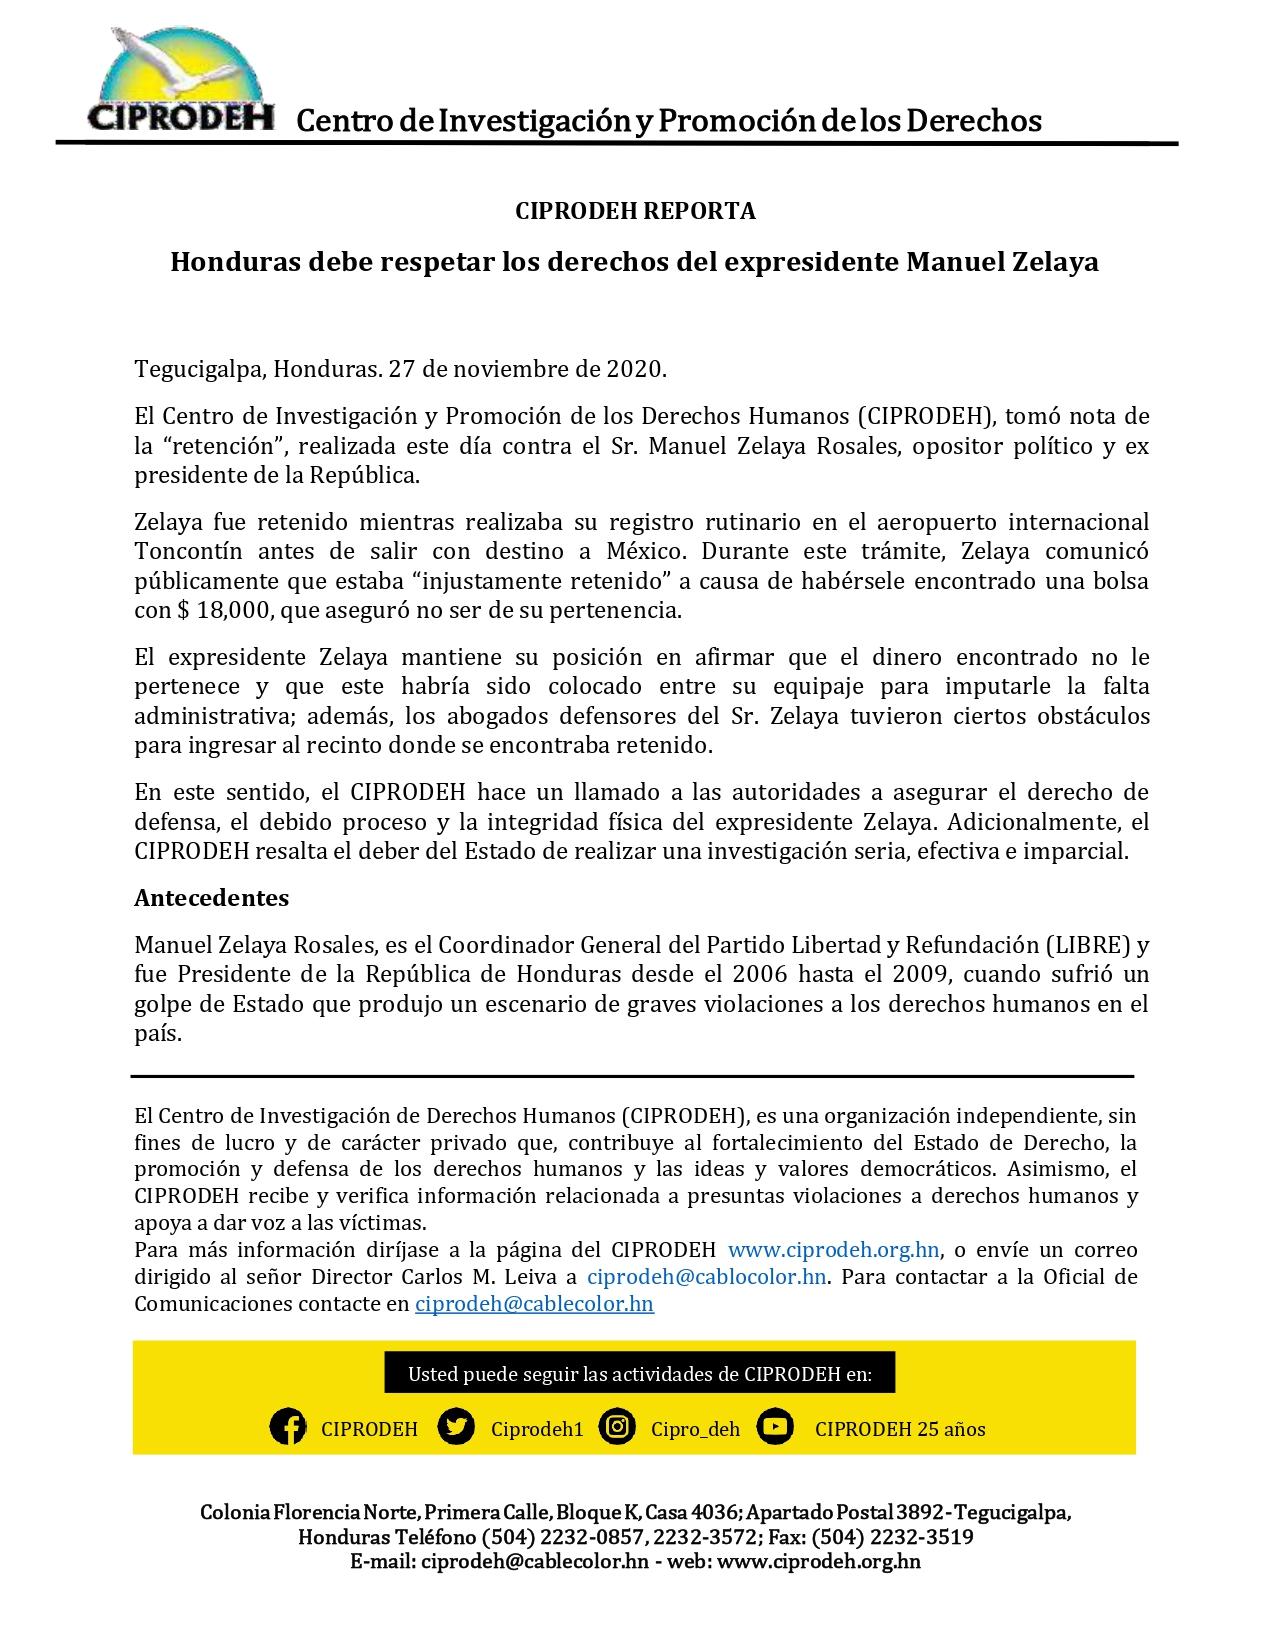 Reporte-Retencin_de_Manuel_Zelaya_27-11-2020_page-0001